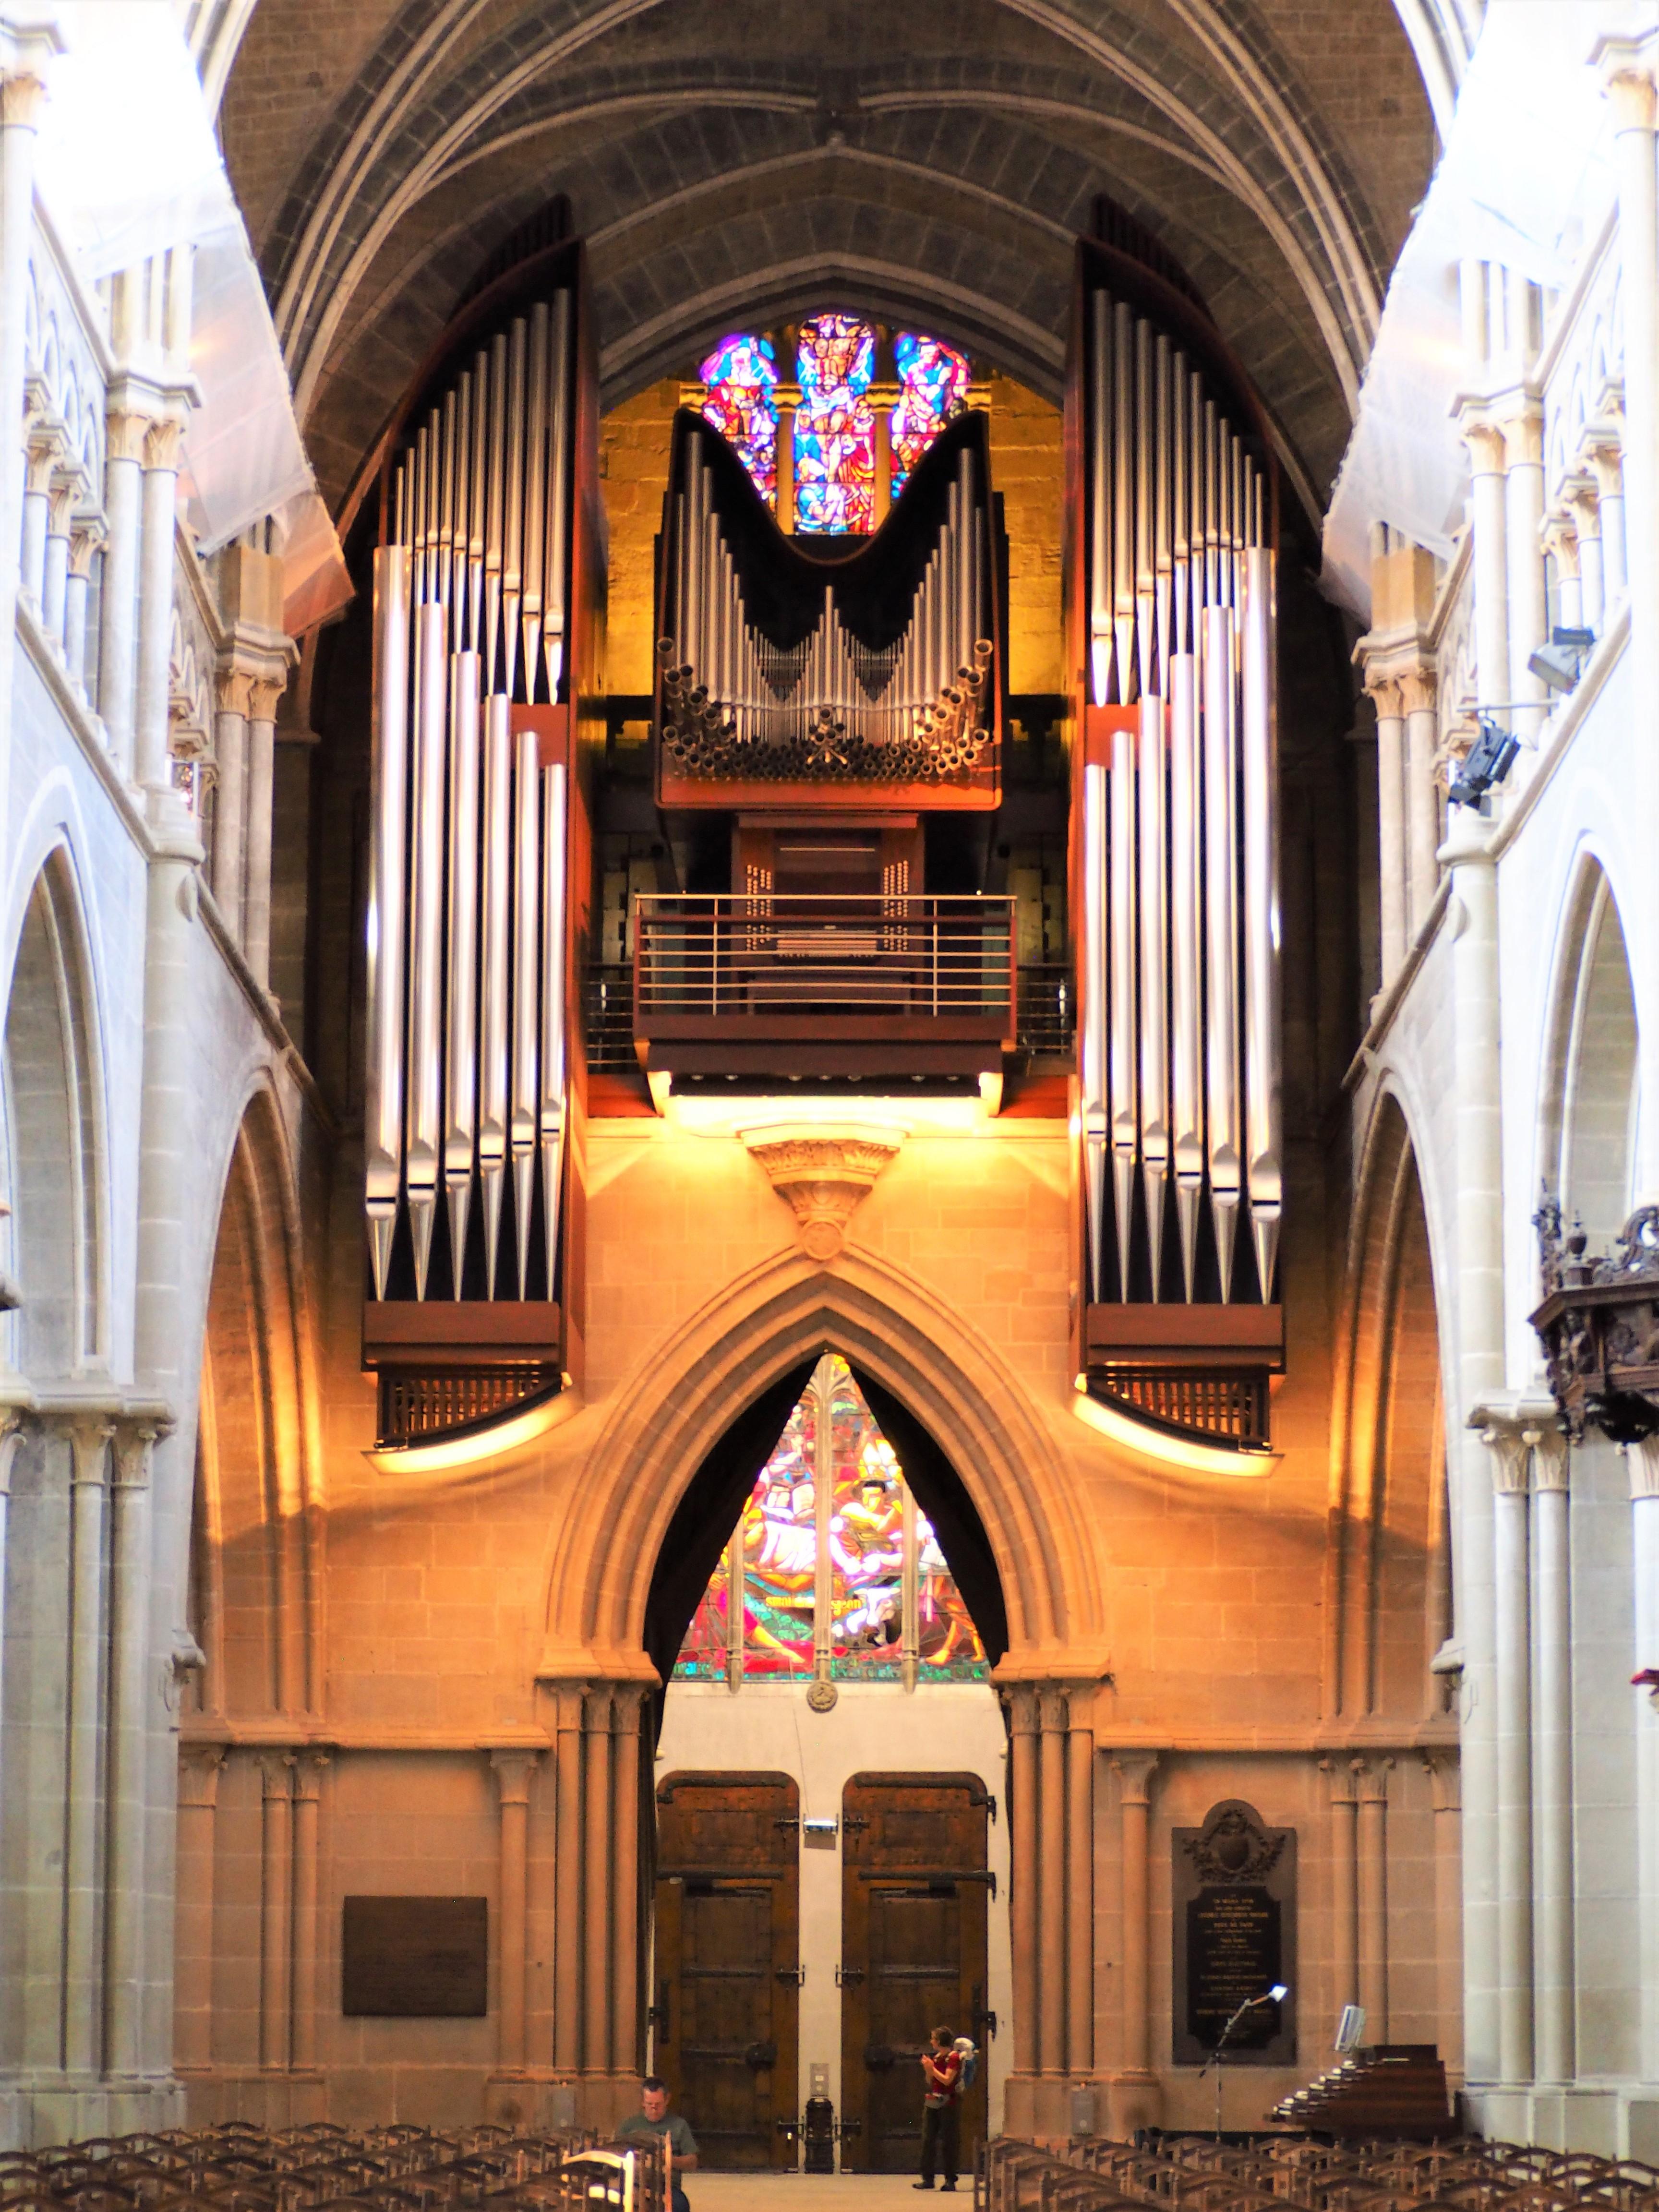 intérieur de la cathédrale de lausanne suisse clioandco